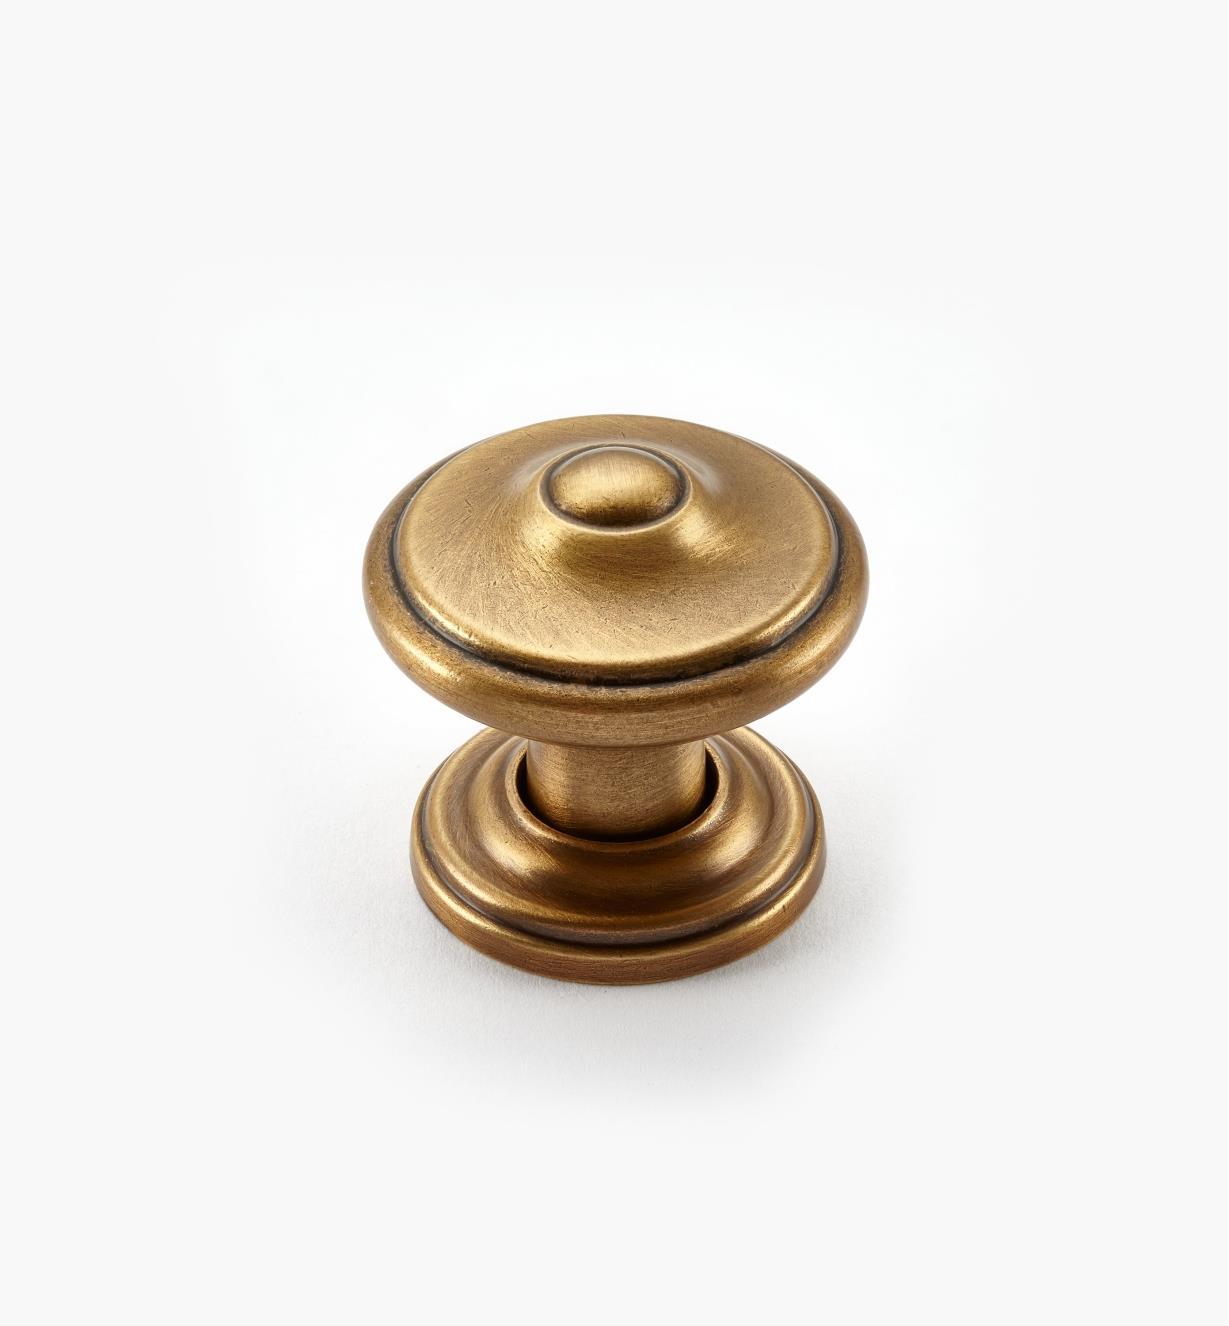 02A1691 - Bouton lyonnais Revitalize, 11/4po, bronze doré, l'unité